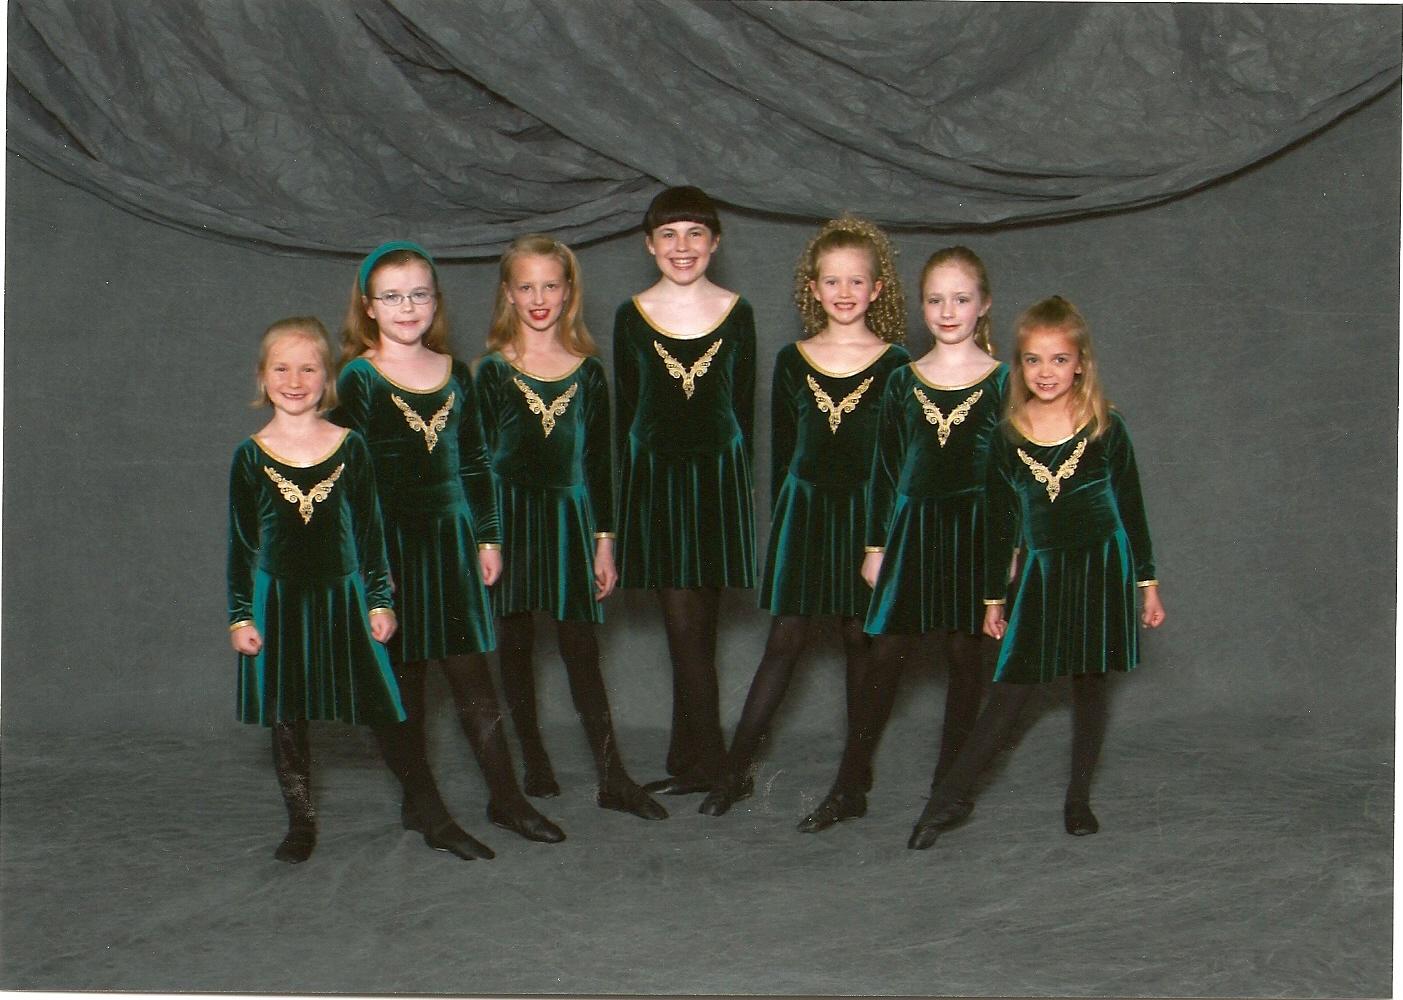 sarah and her irish group - Irish Dancer Halloween Costume